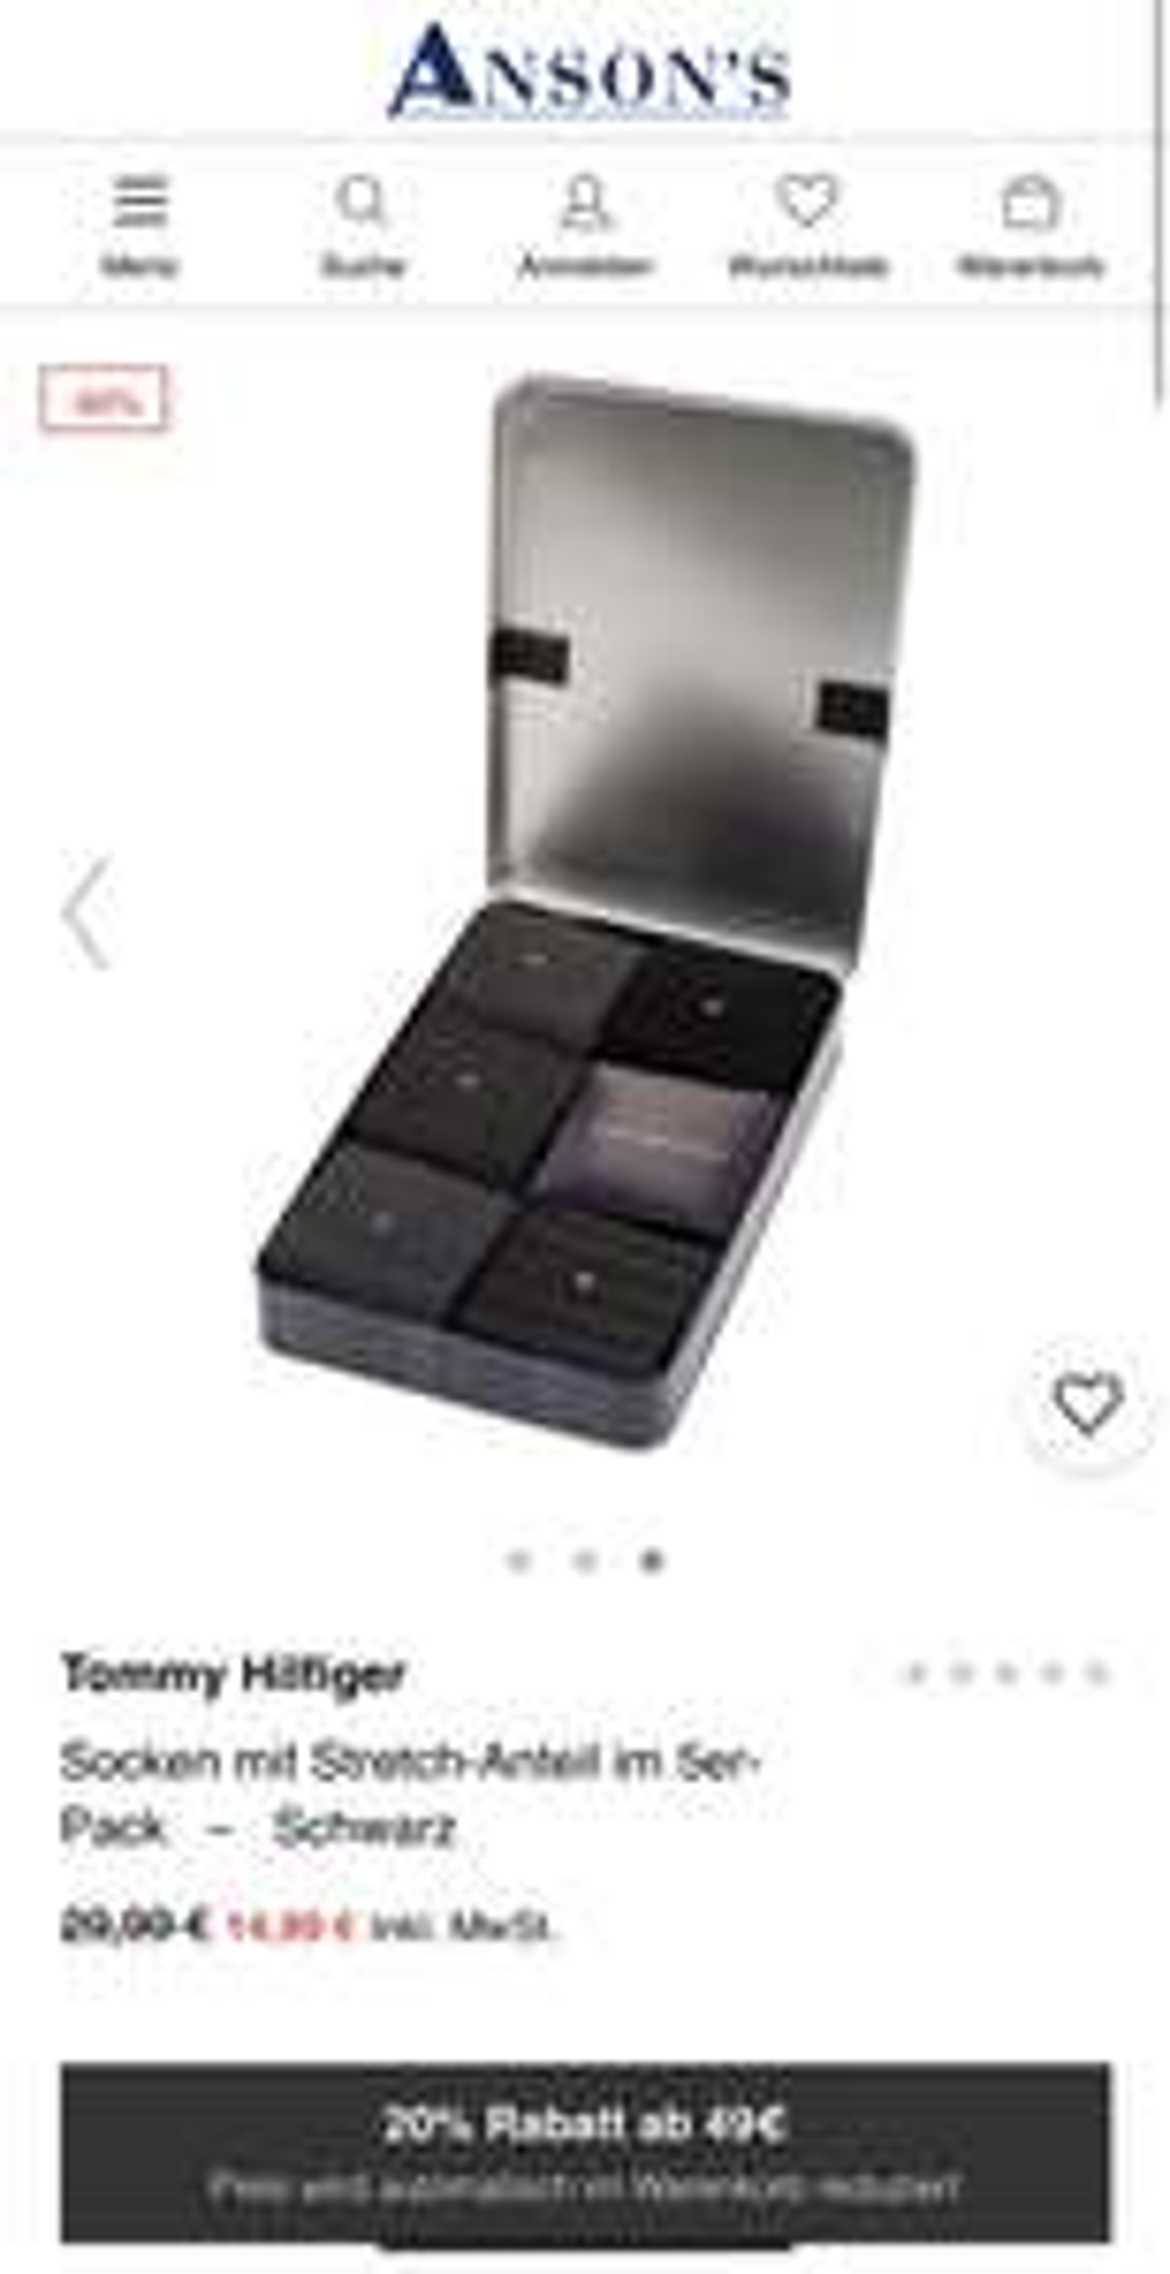 [ansons.de] Tommy Hilfiger - Socken mit Stretch-Anteil im 5er-Pack–Schwarz